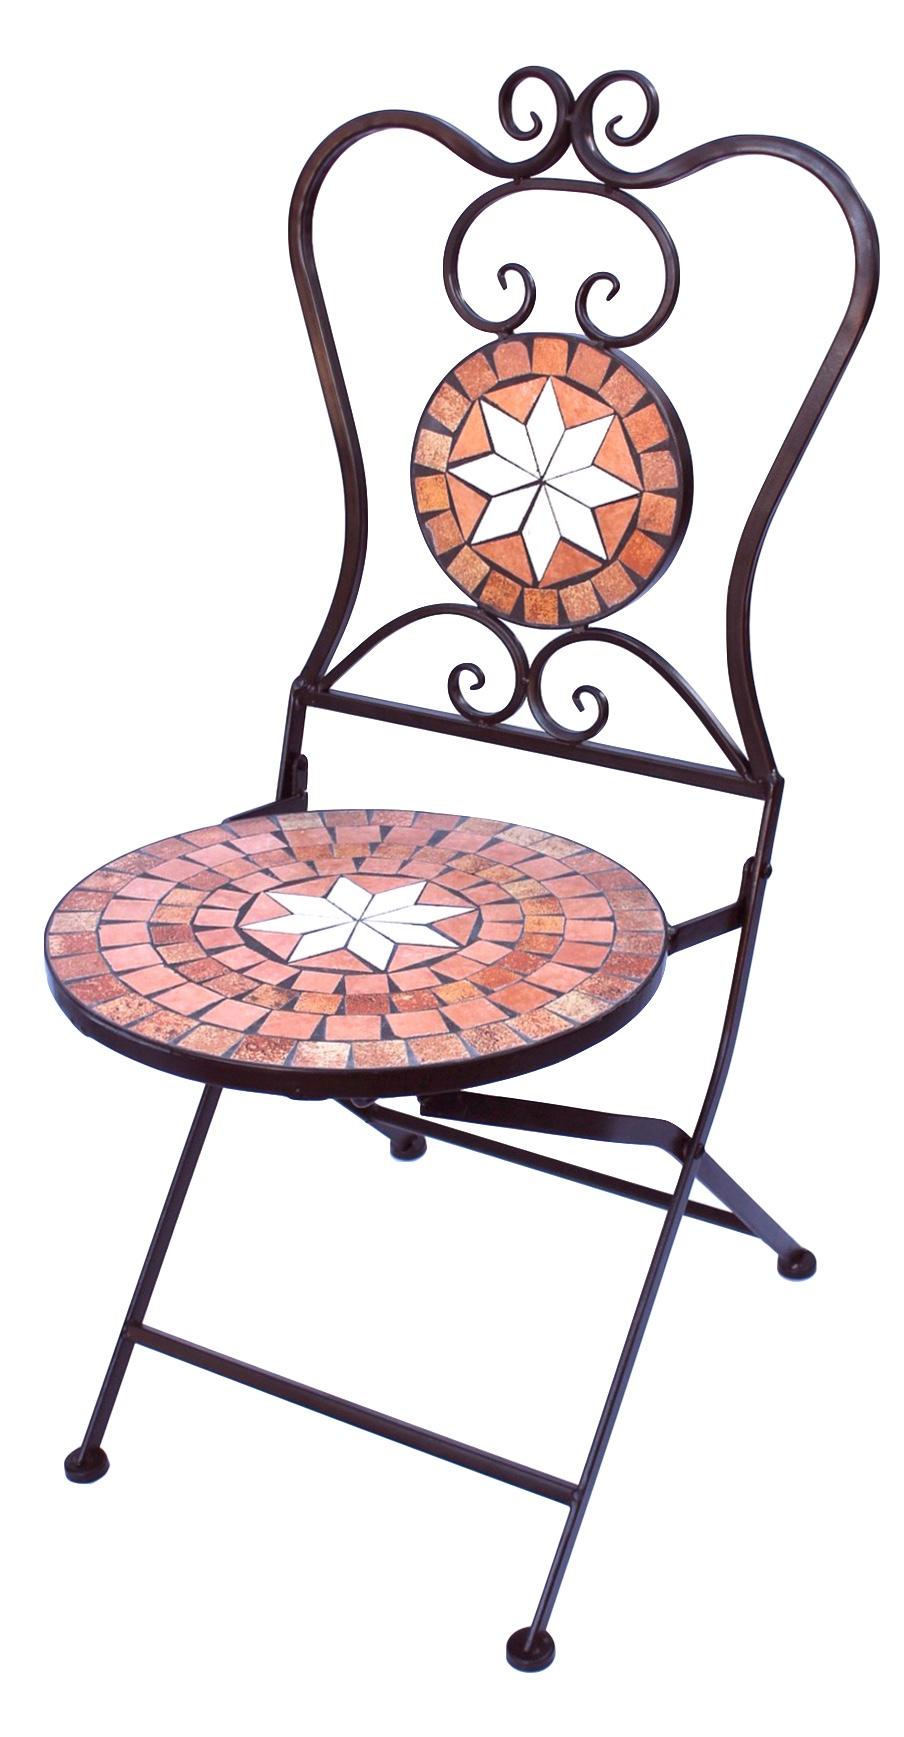 Sitzgruppe Merano 2 Gartentisch 2 Stk Gartenstuhl